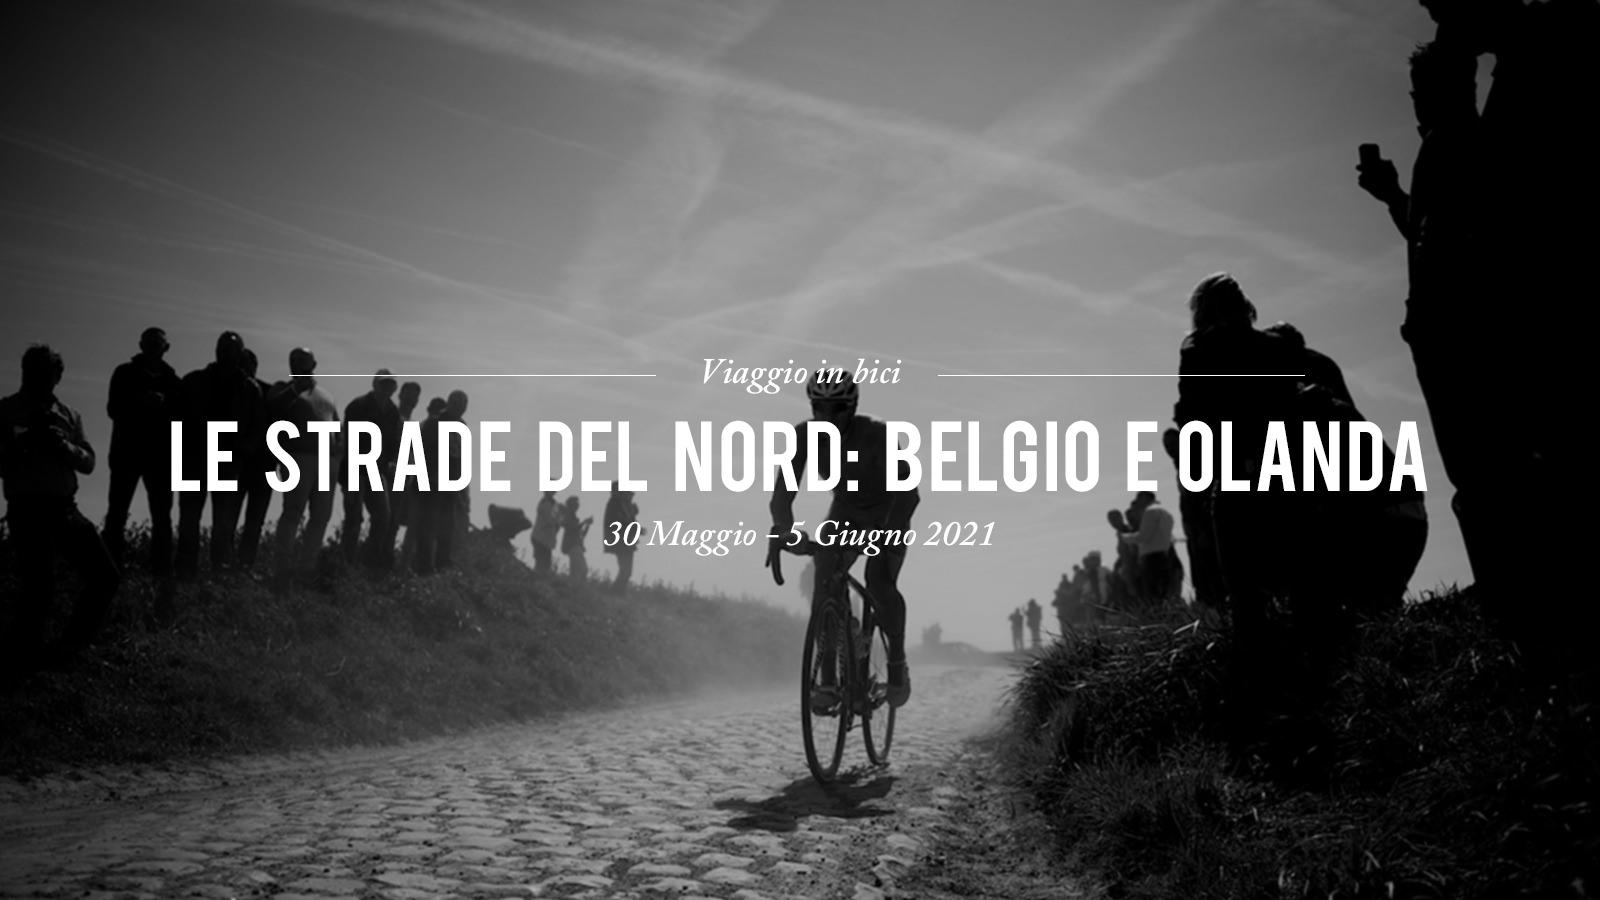 viaggio in bici Le Strade del Nord: Belgio e Olanda